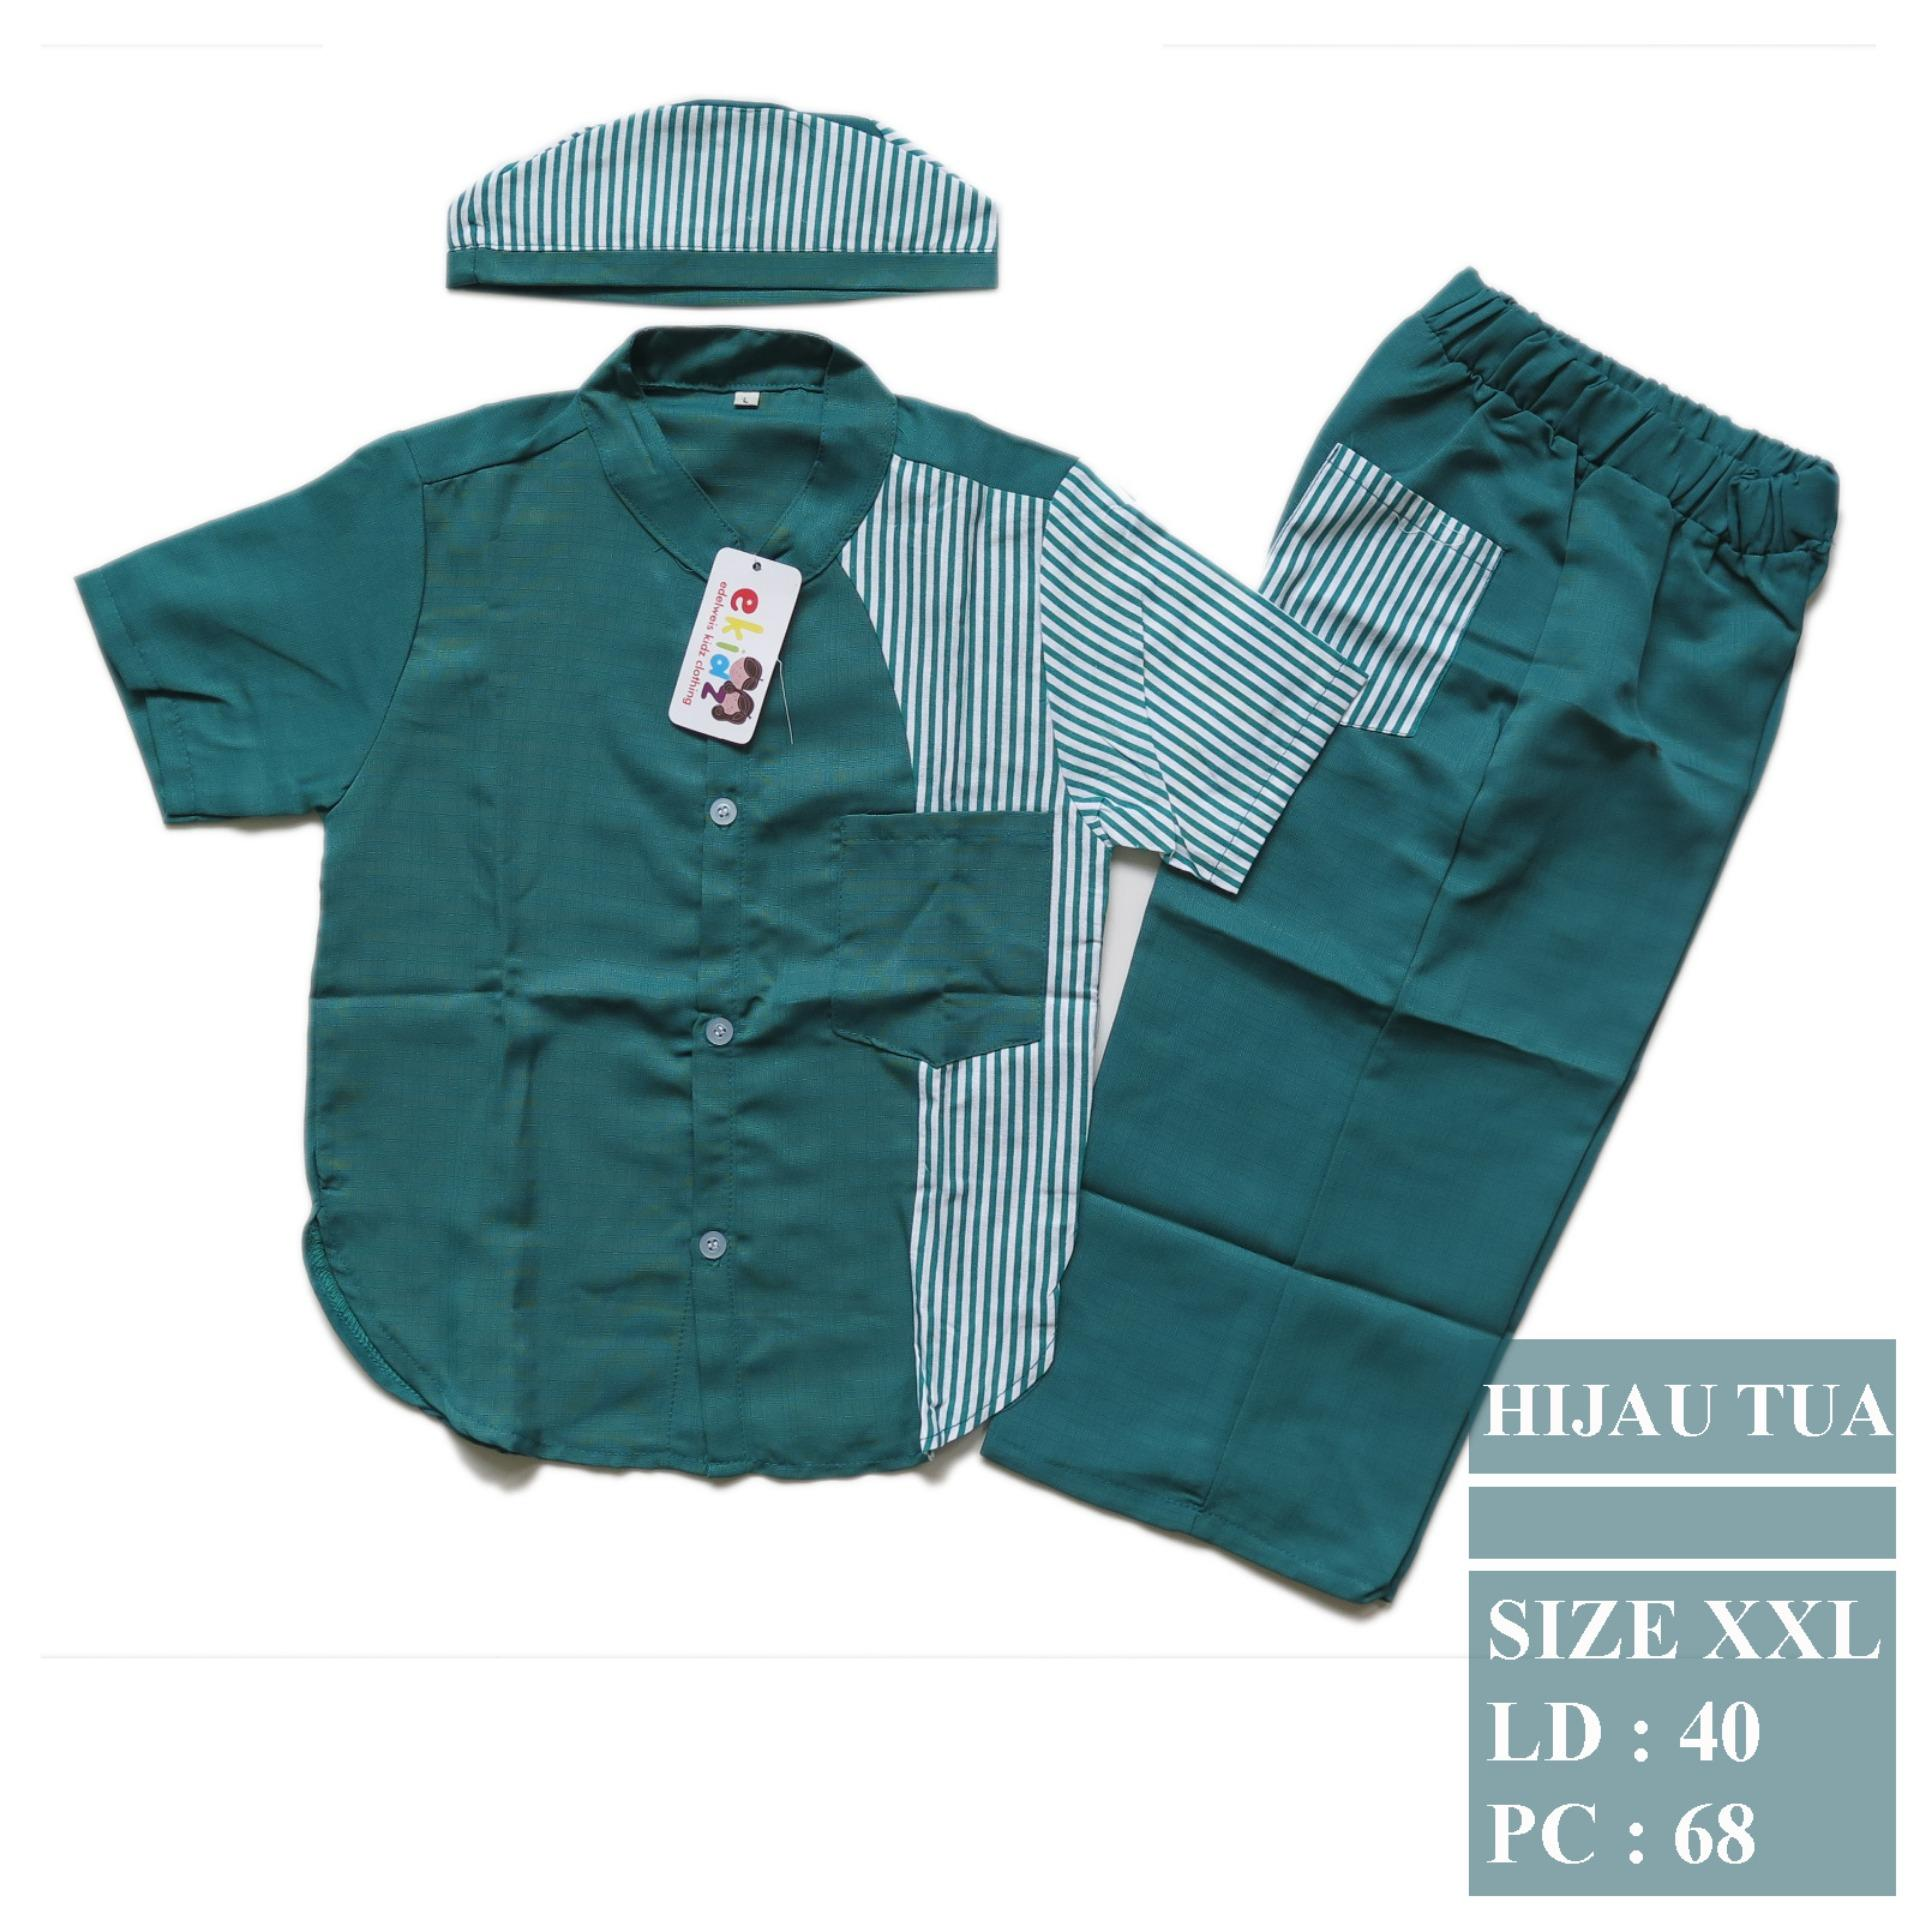 Baju koko dan Peci untuk umur 1-9 thn